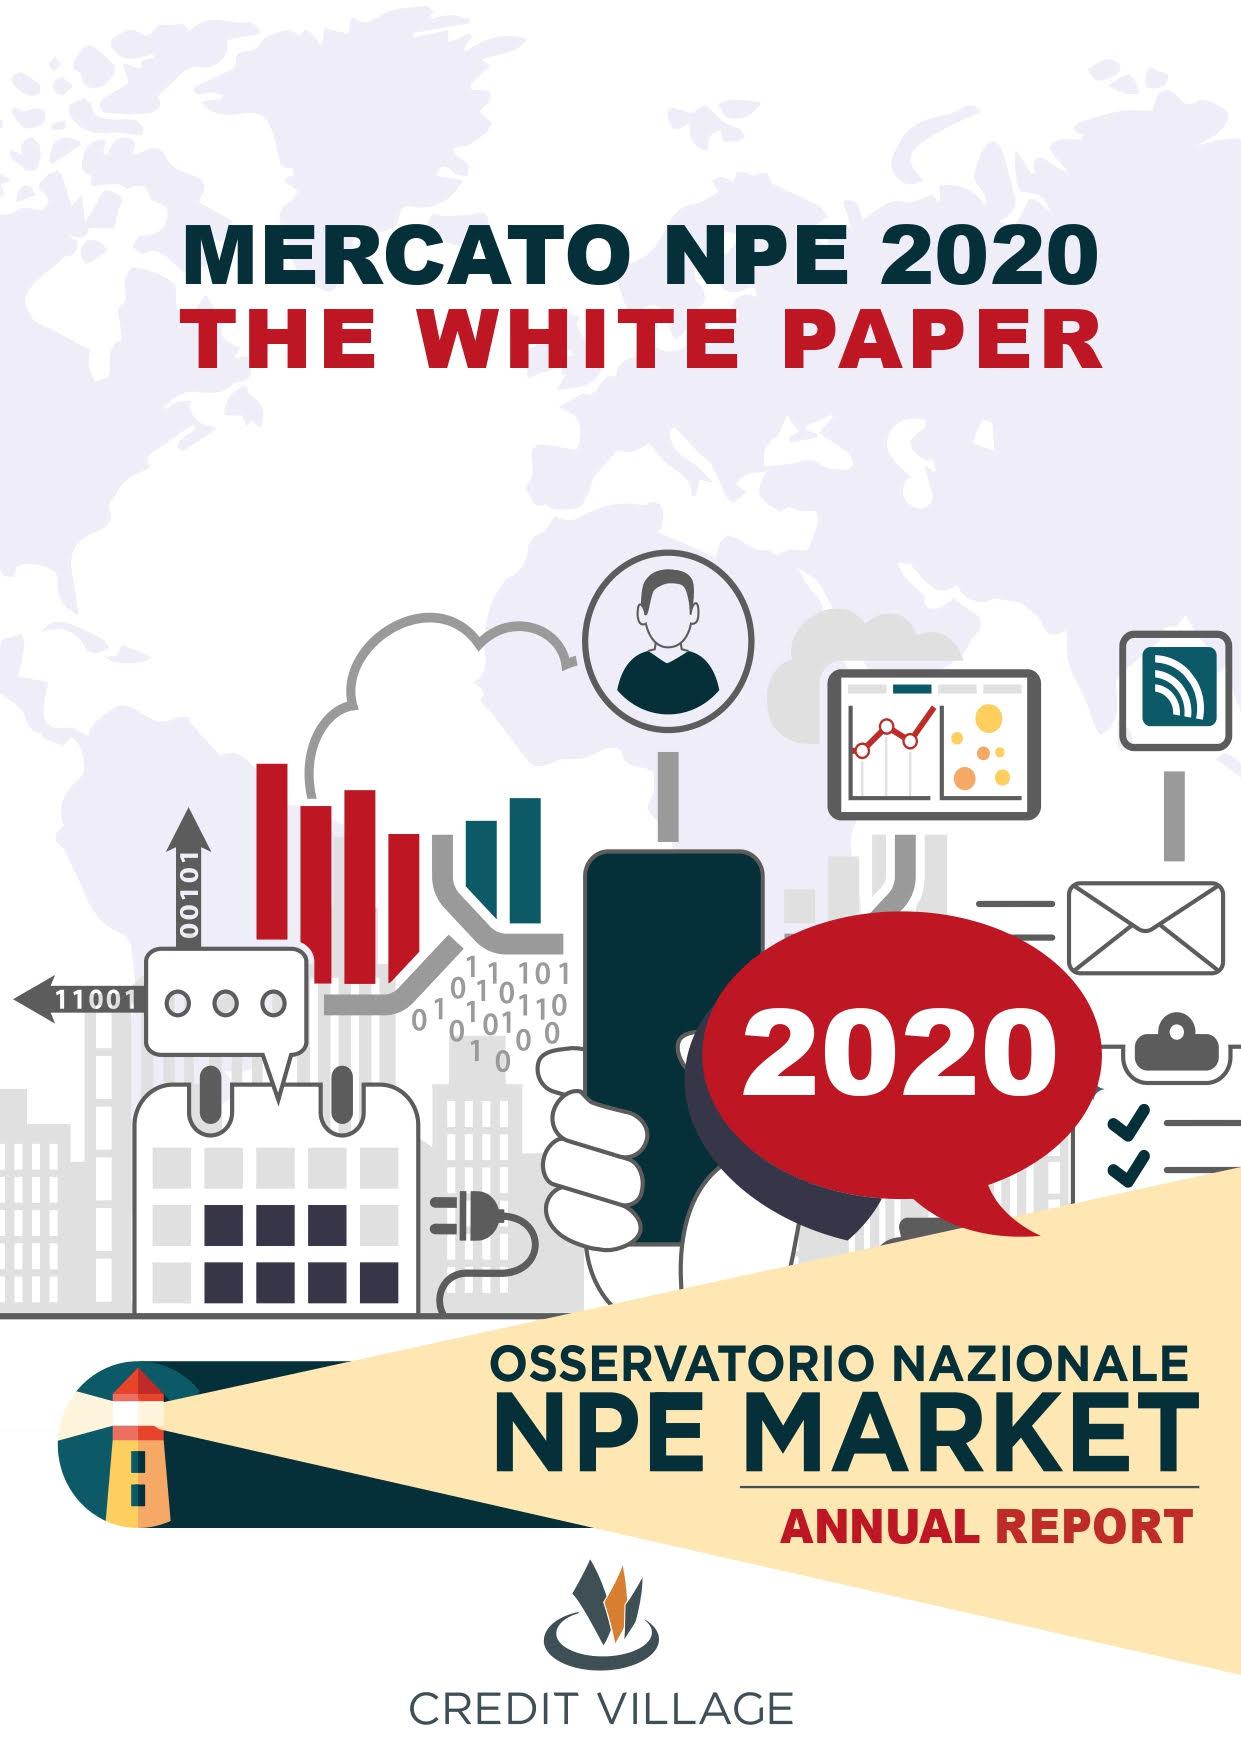 1. Mercato NPE 2020 the w